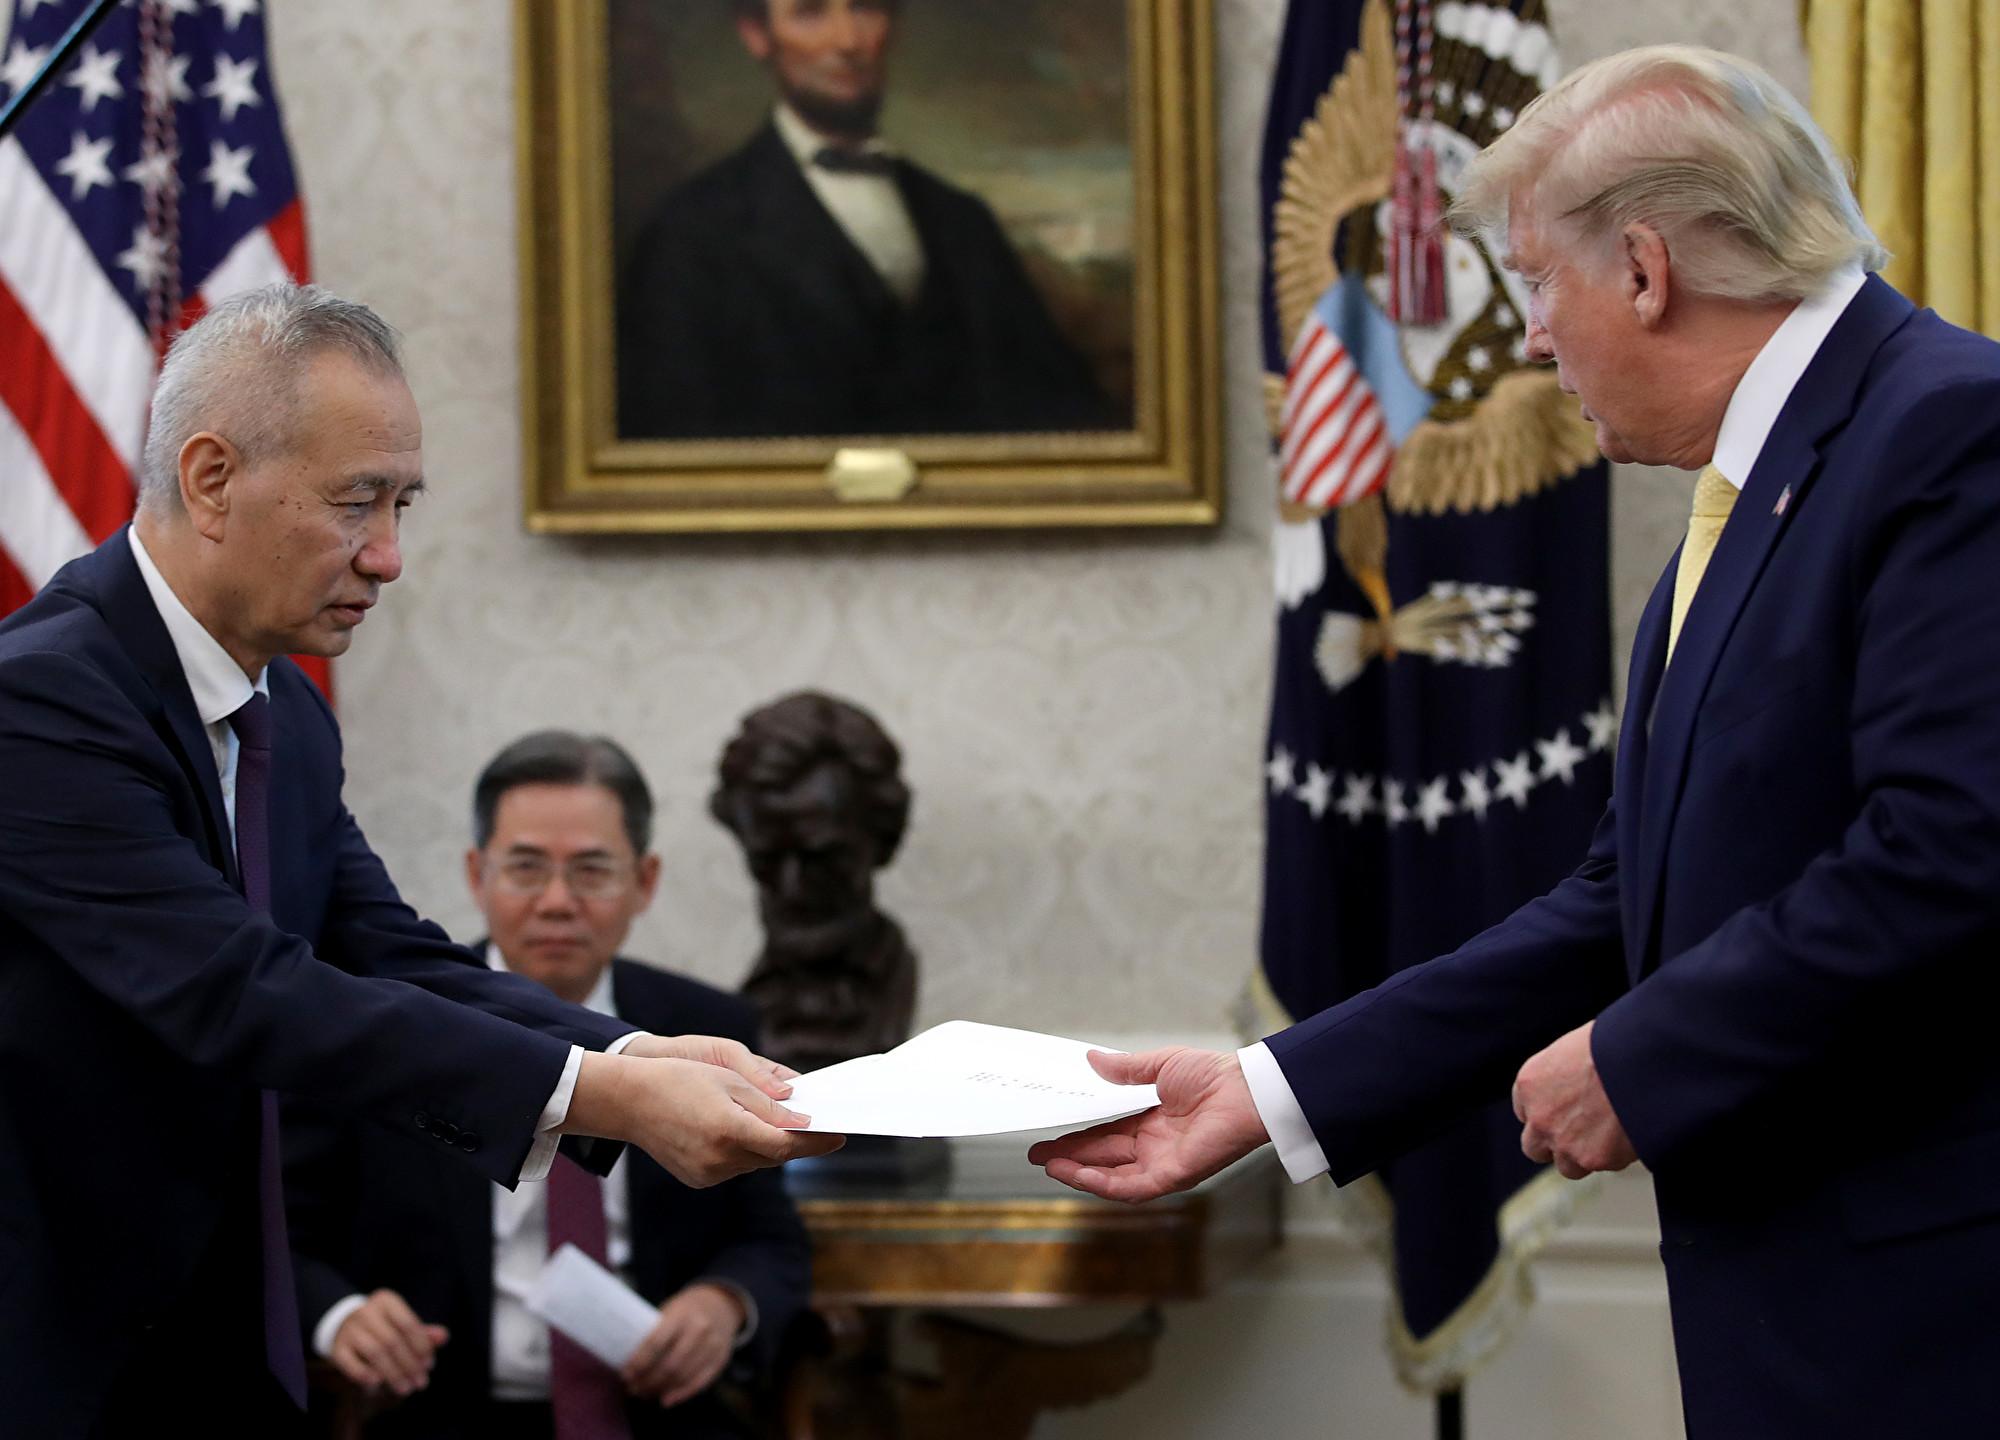 劉鶴再次向特朗普轉交習近平的信